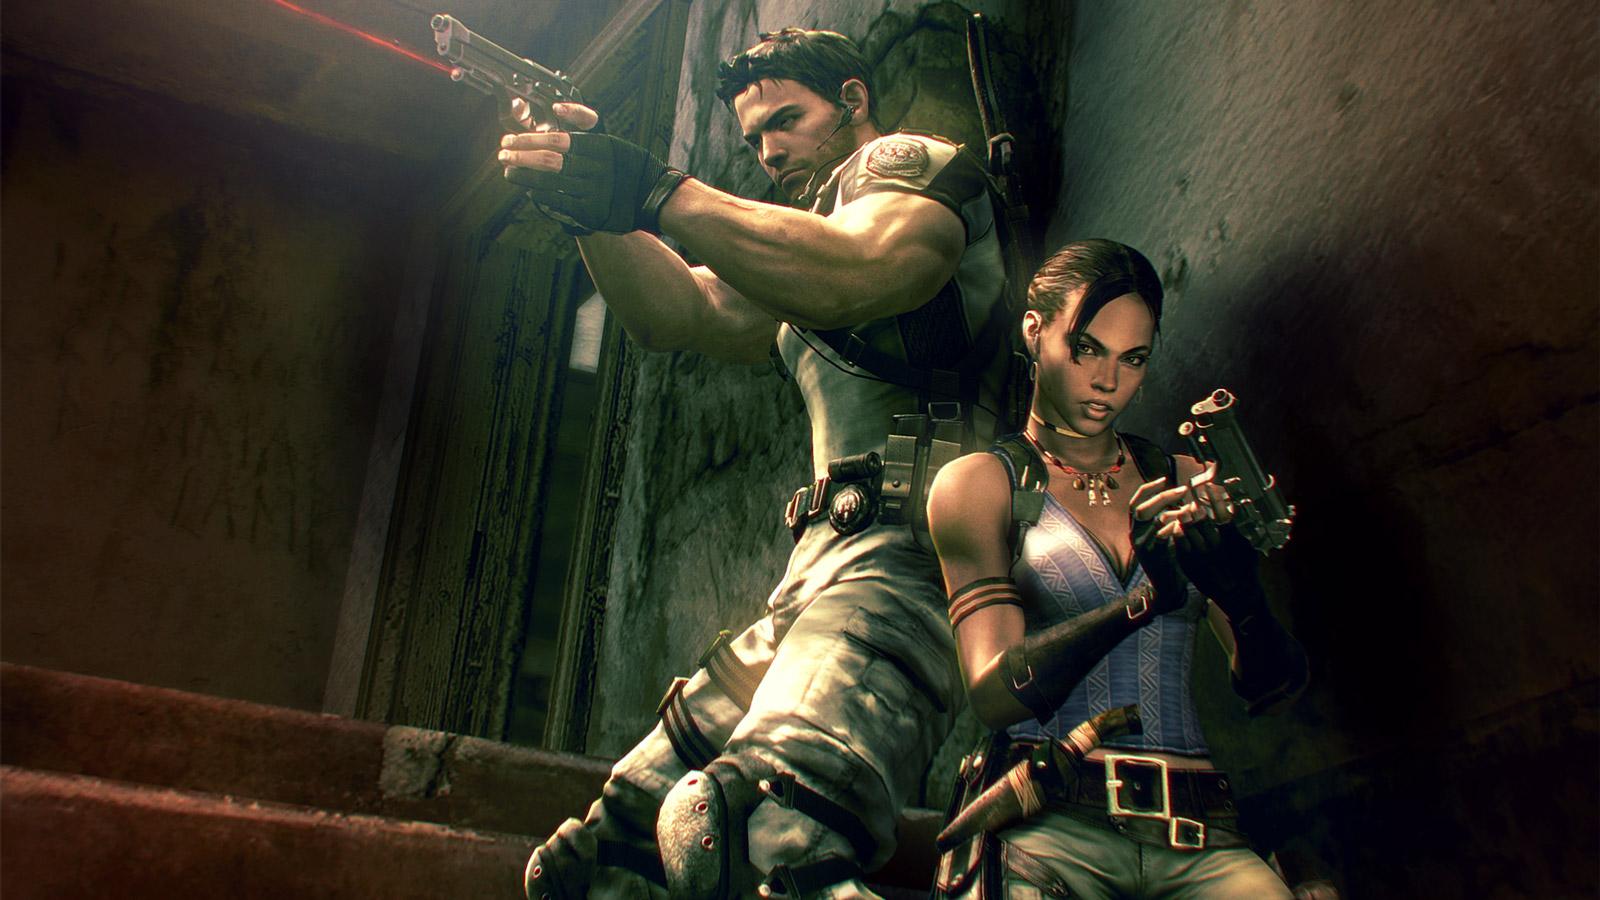 Free Resident Evil 5 Wallpaper in 1600x900